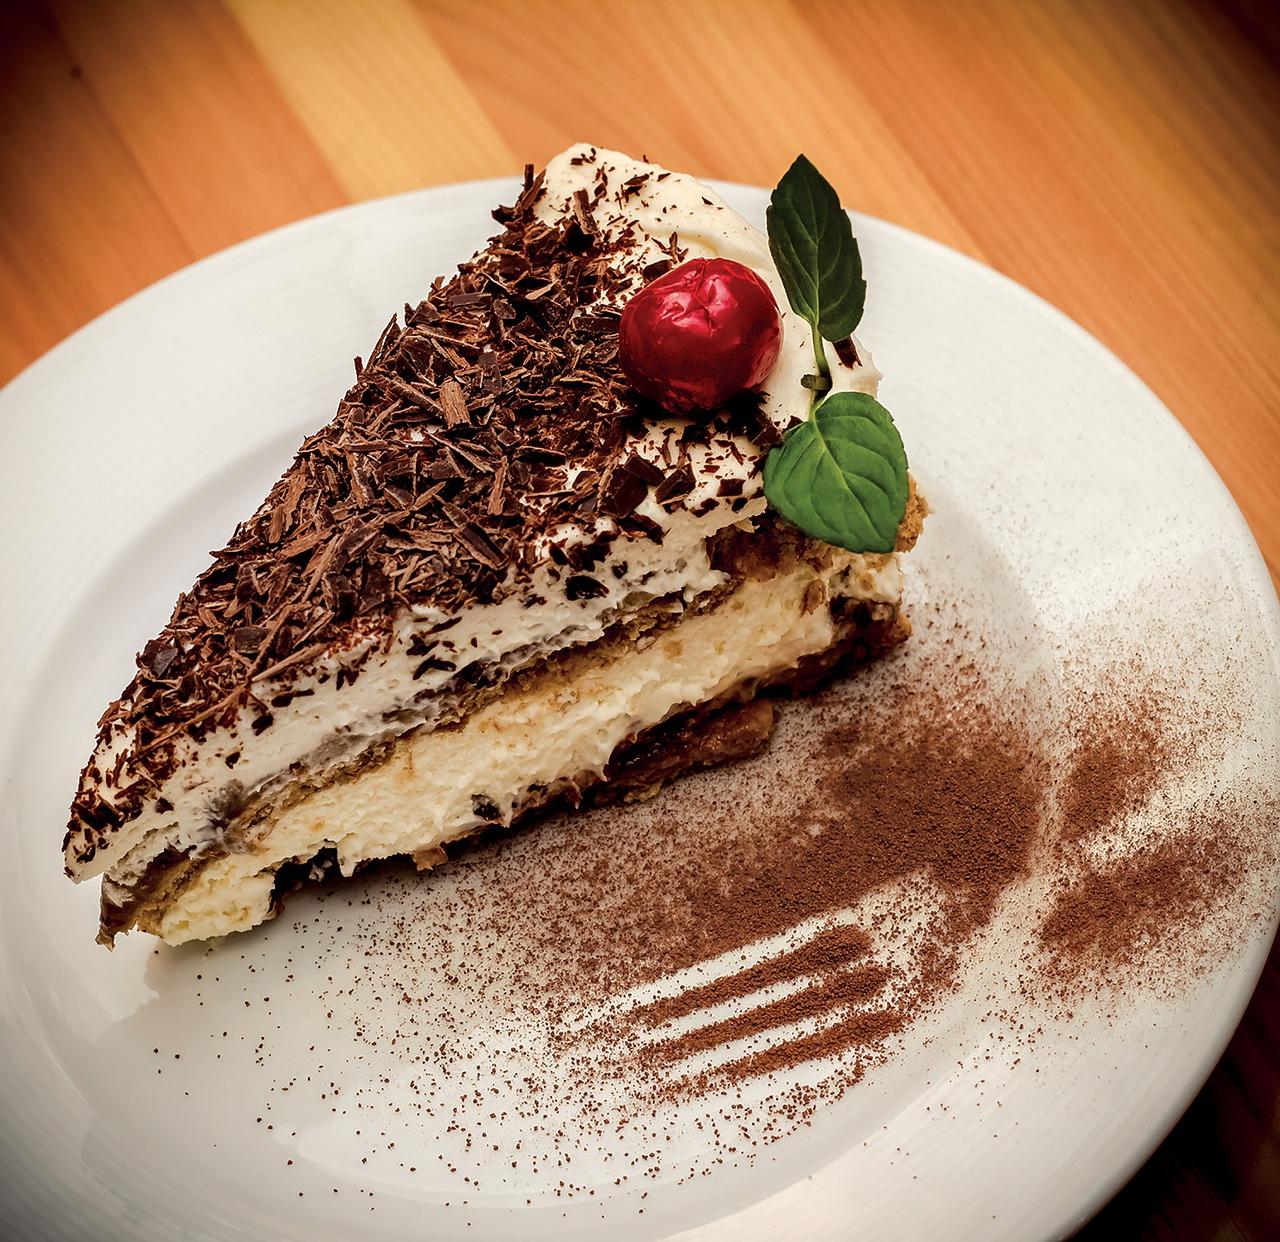 Hard work deserves cake (Image Credit: Pixabay)